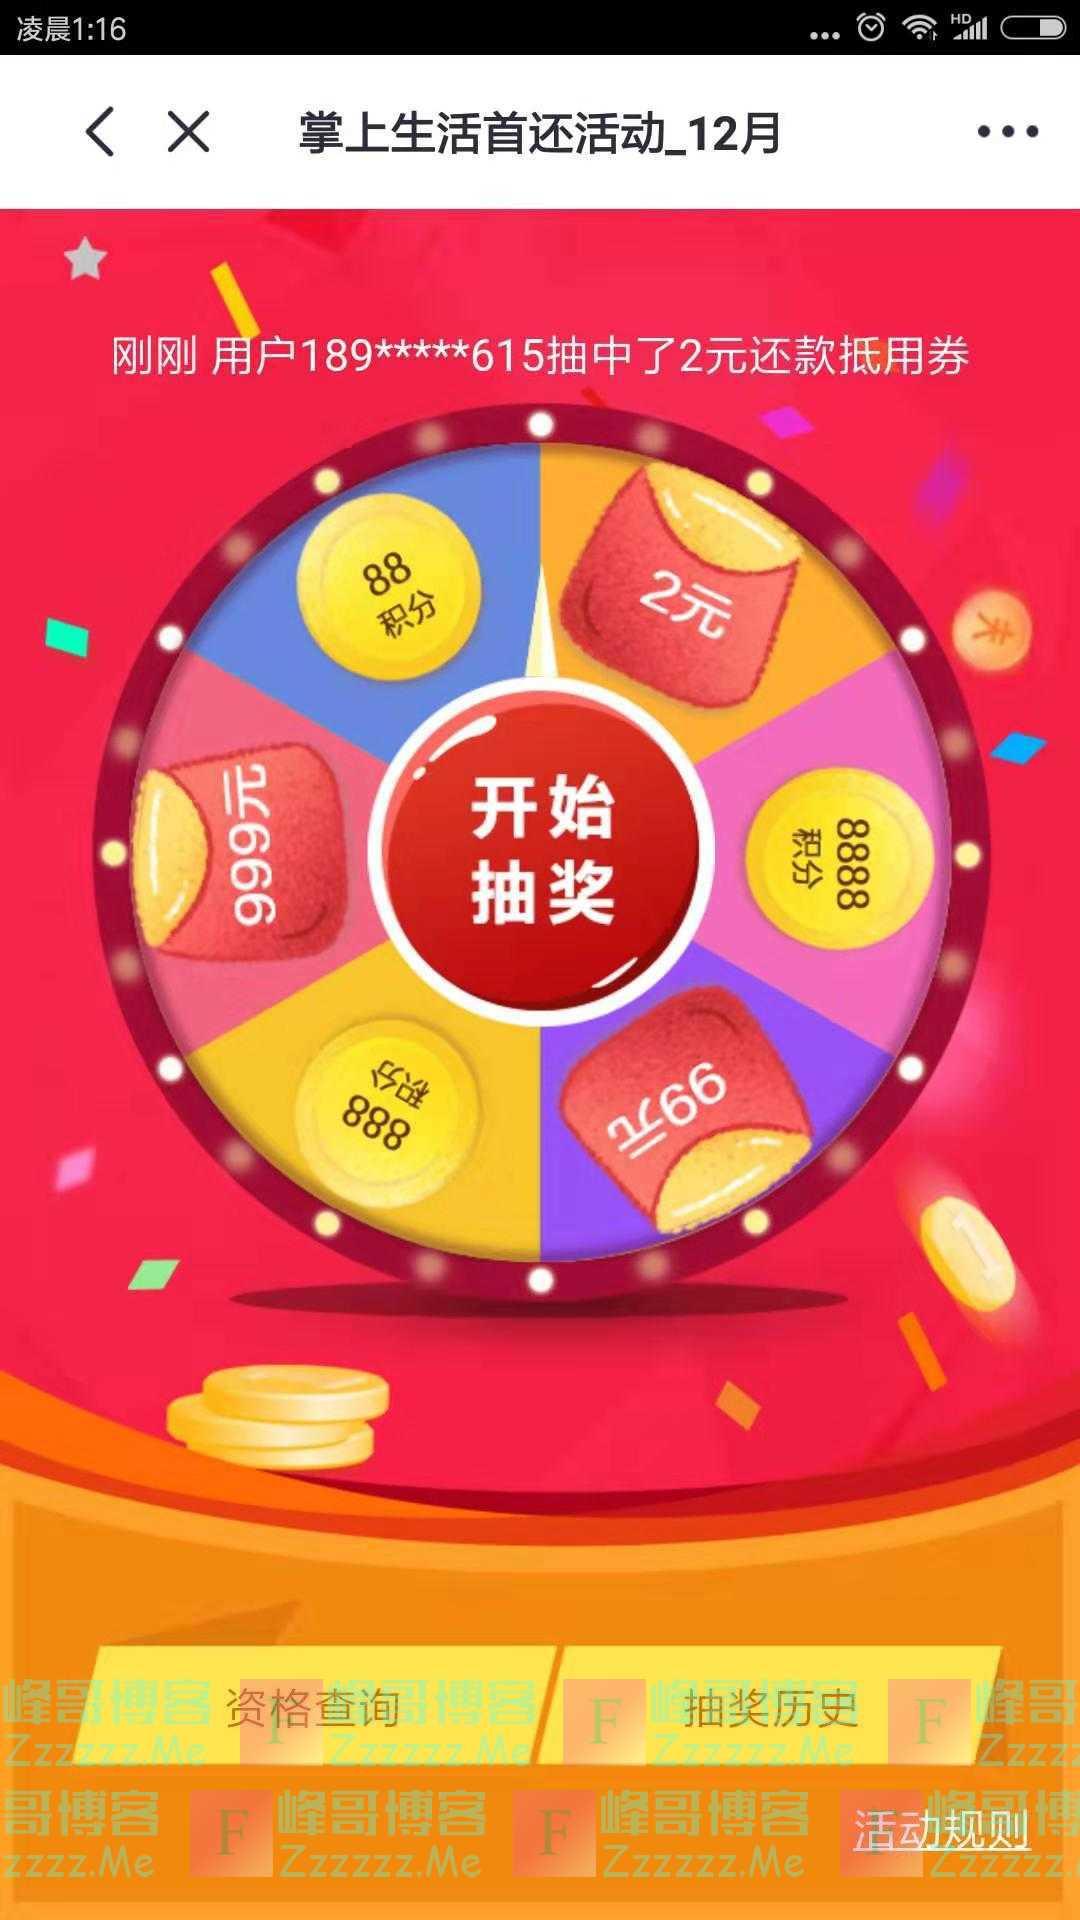 掌上生活12月首次还款赢999元还款金(截止12月31日)